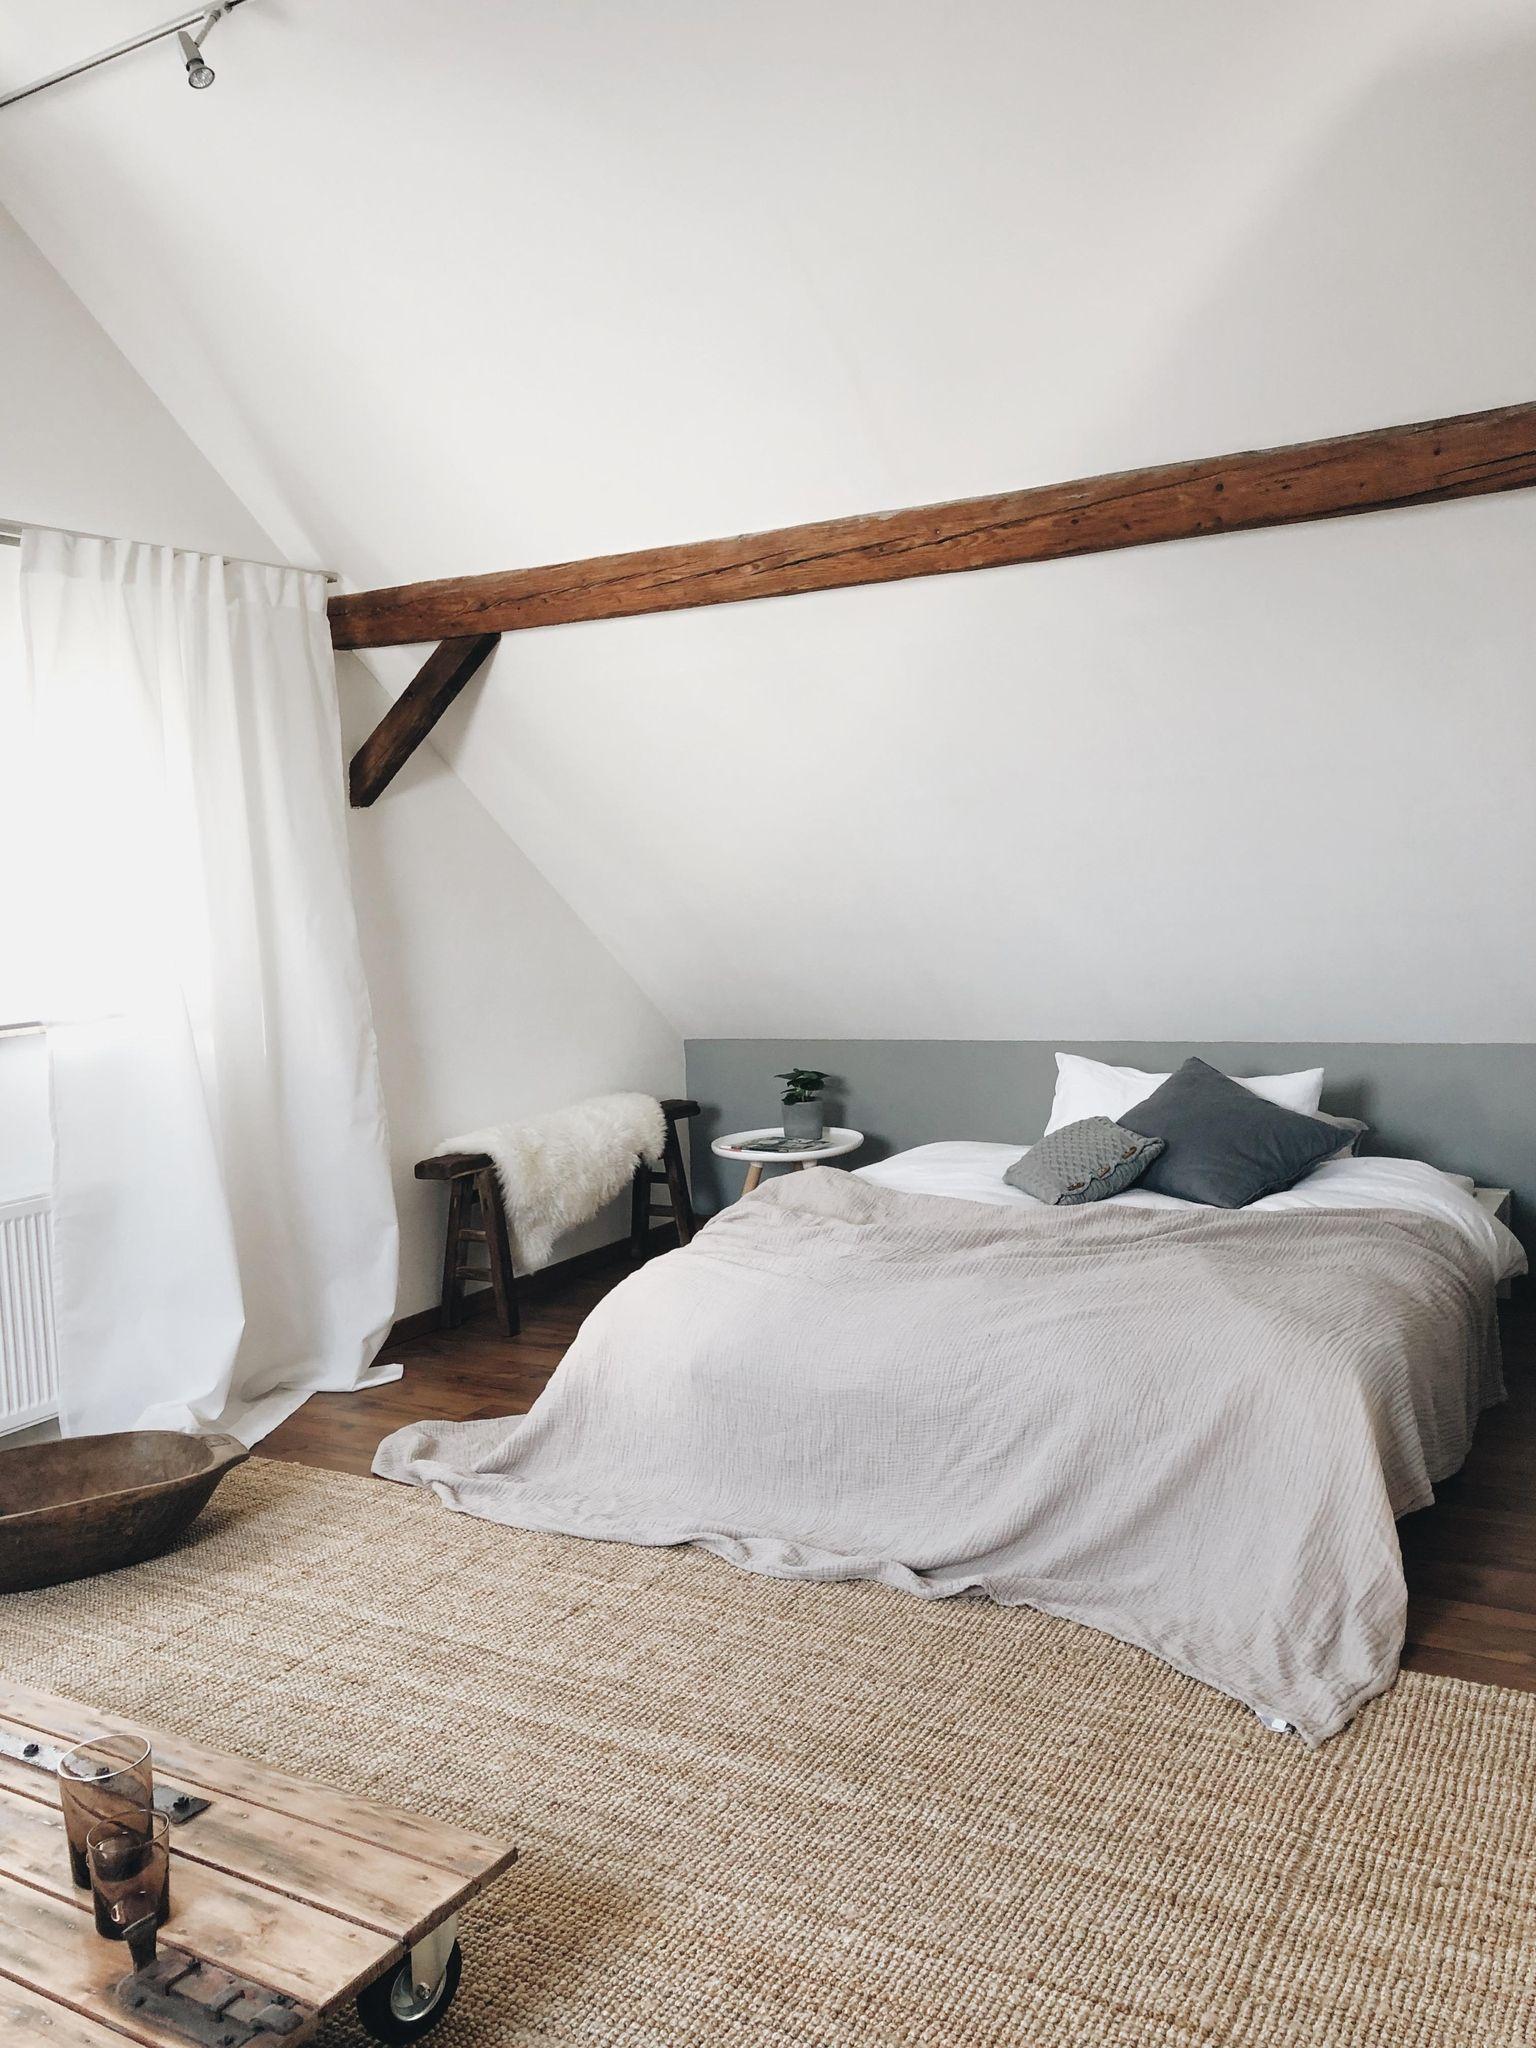 Schlafzimmer Bedroom Dachschräge Dachboden Gäst Schlafzimmer Dachschräge Dachschräge Einrichten Schlafzimmer Design